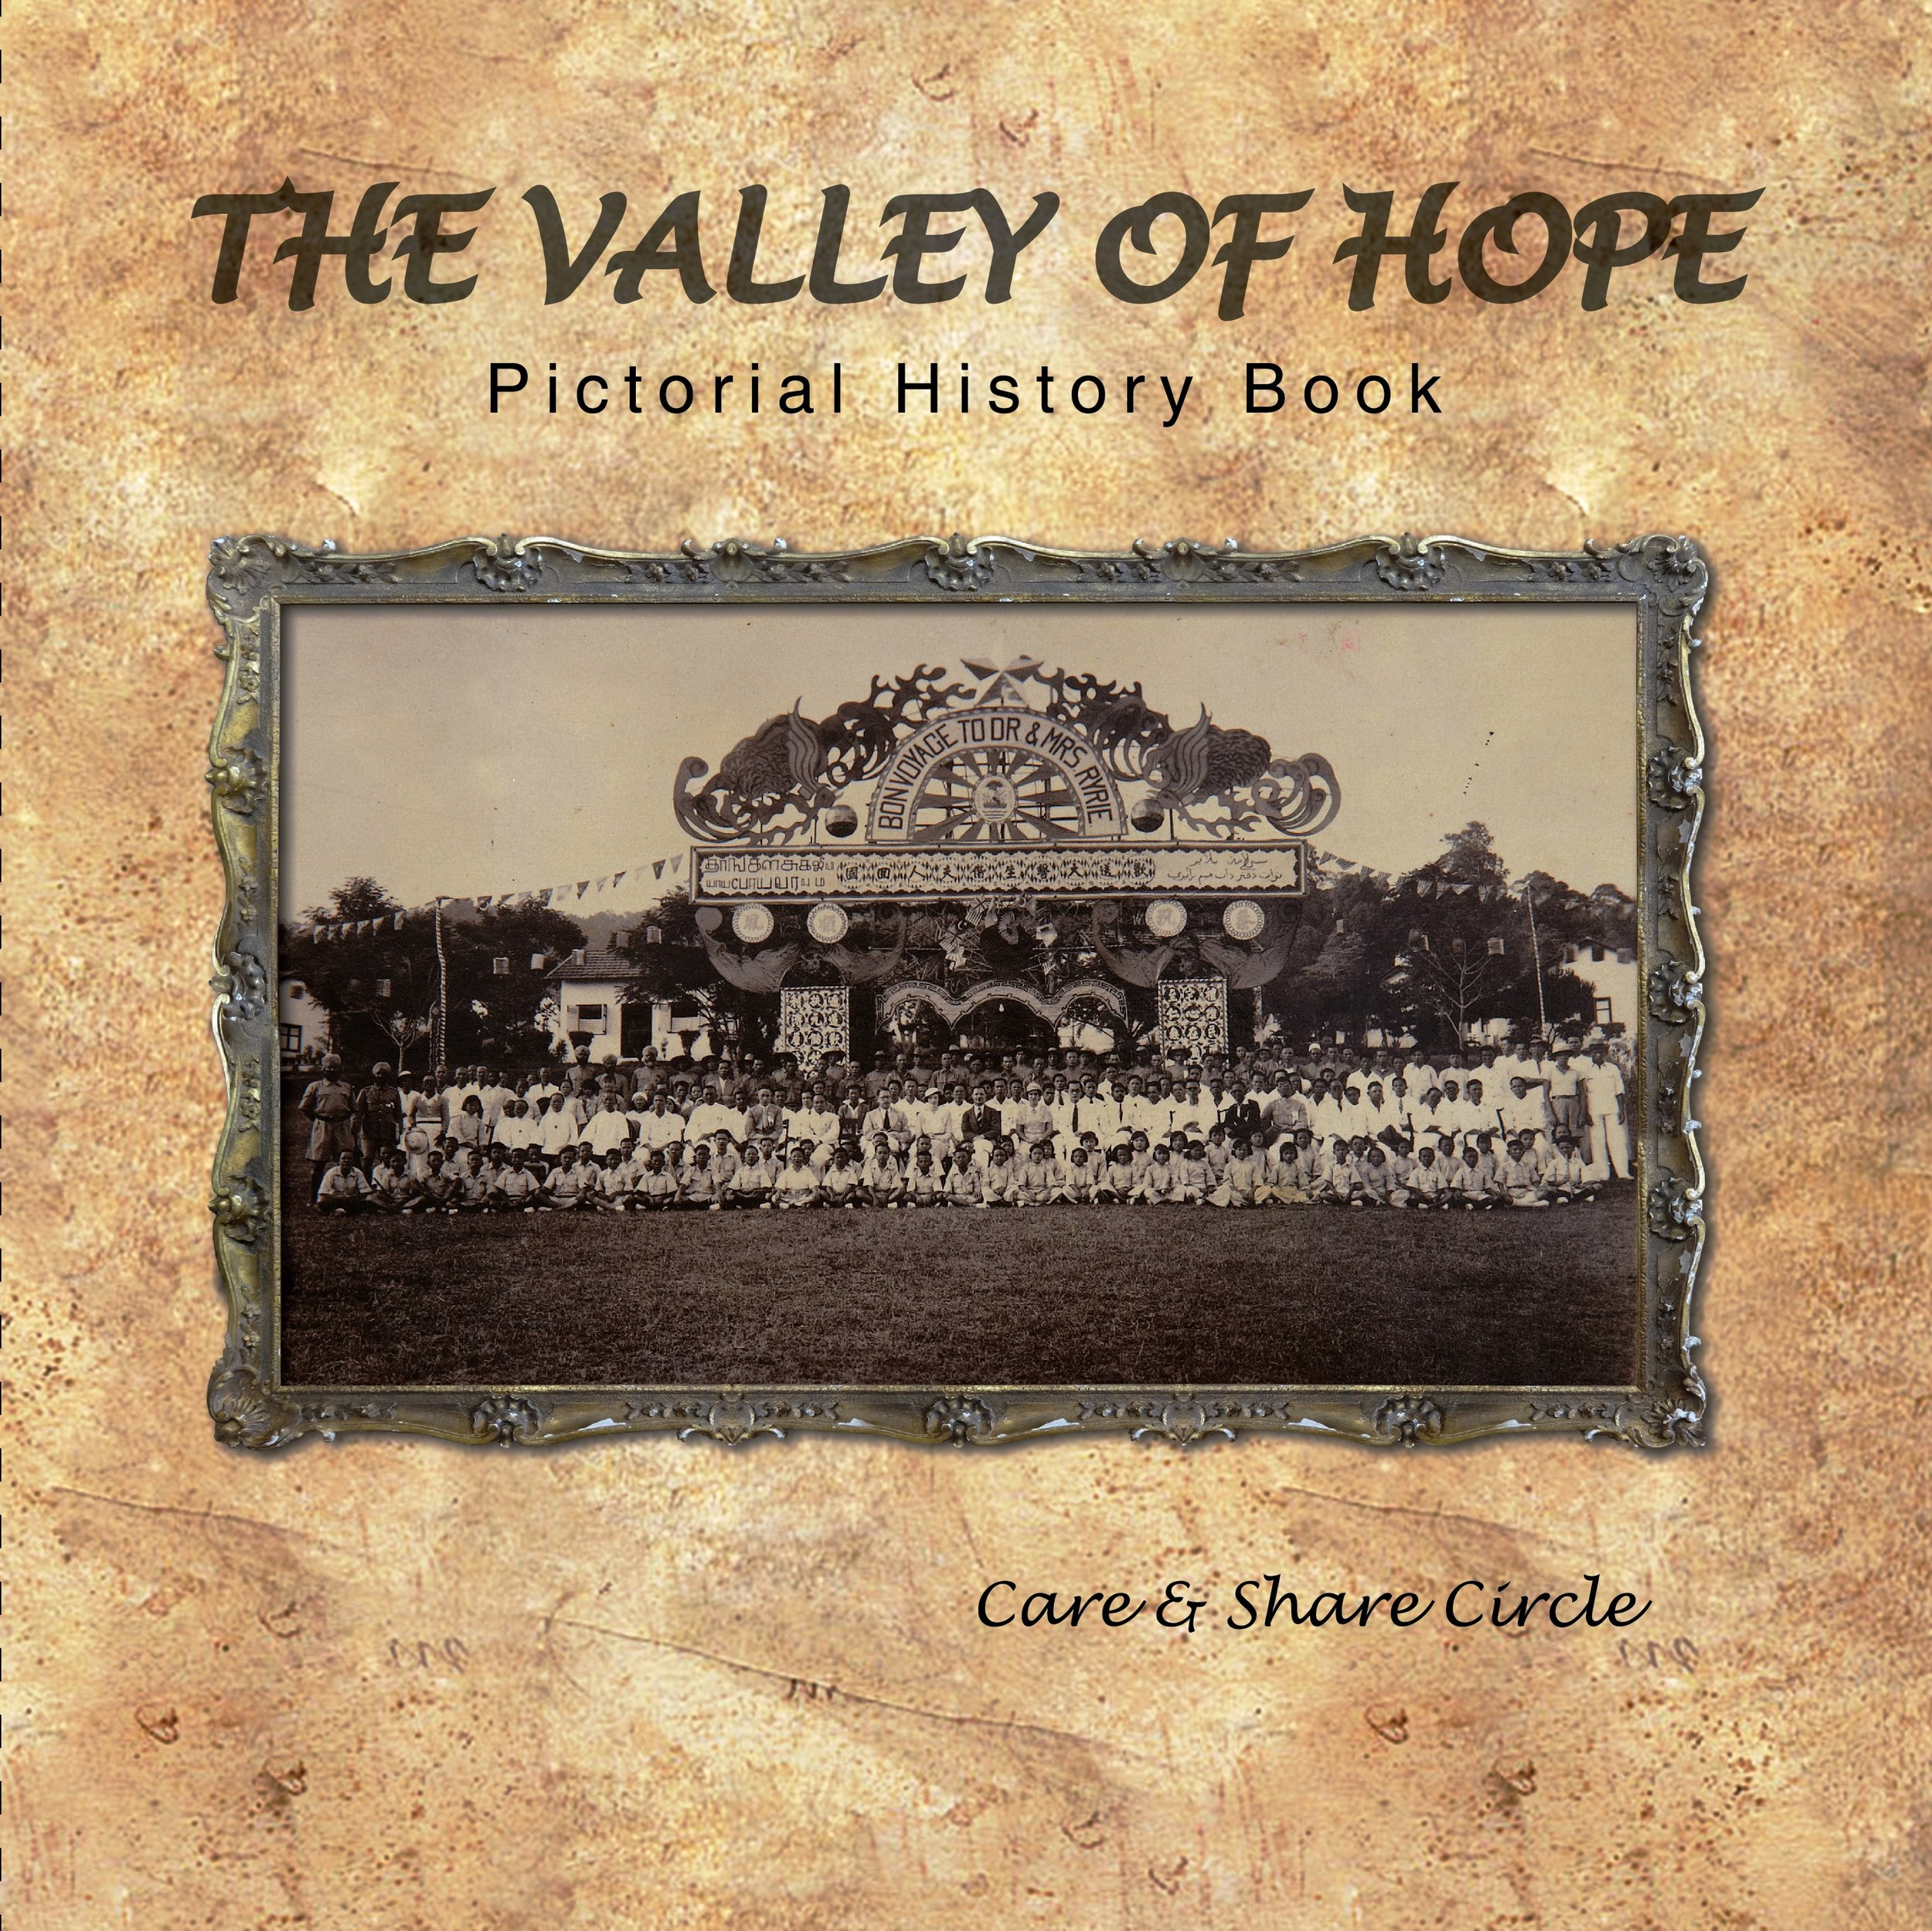 英文版的  《希望之谷历史图录》是由     Care & Share Circle  于  2015  年出版。(陈彦妮 摄)